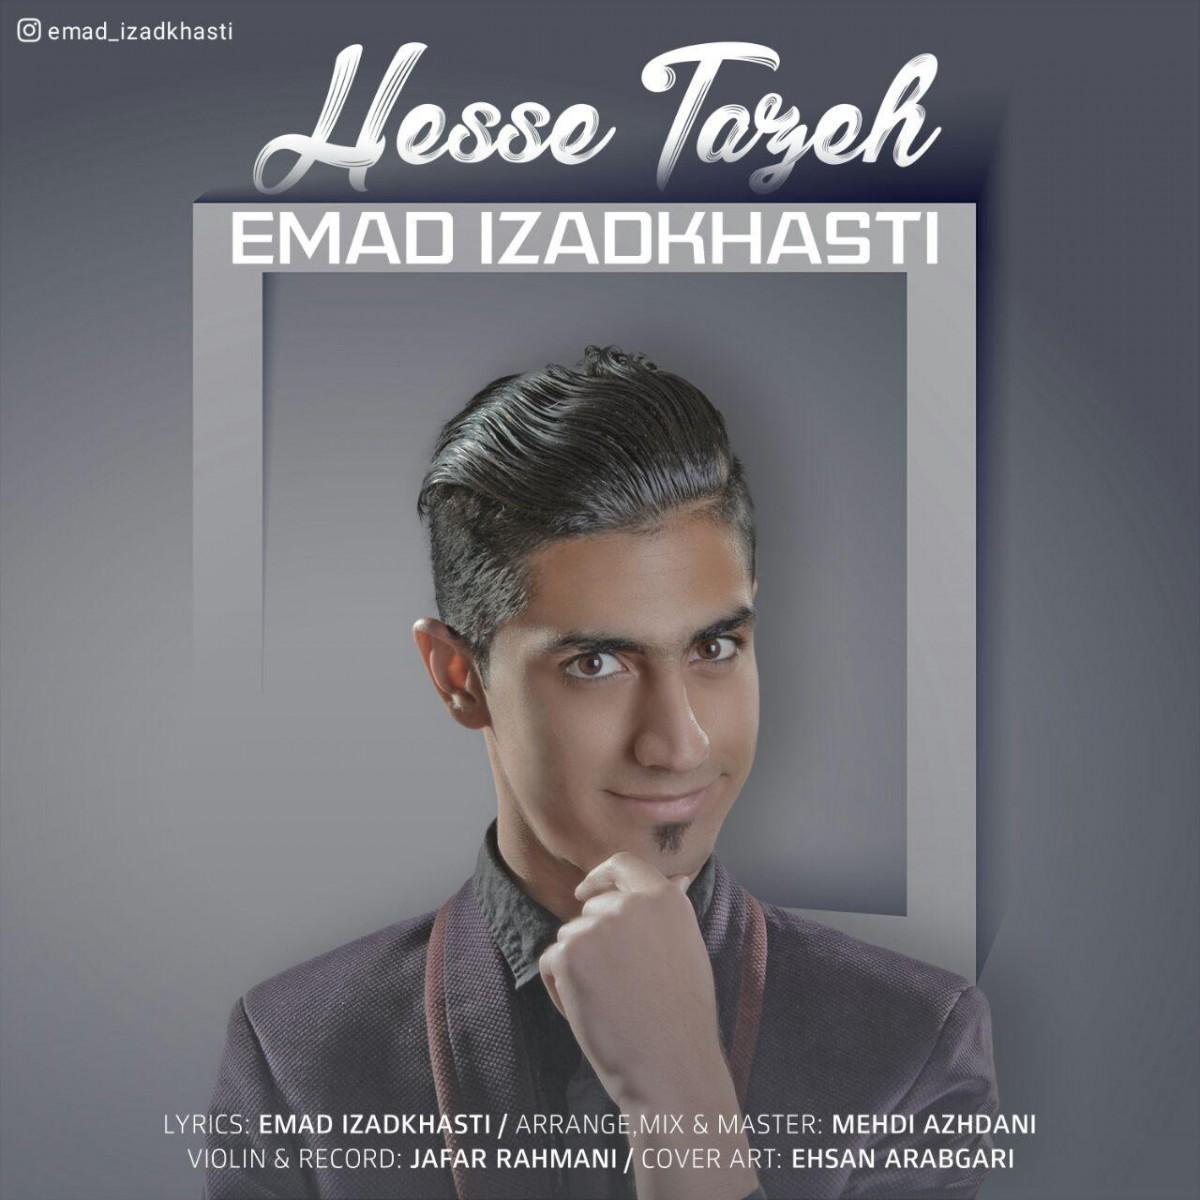 نامبر وان موزیک | دانلود آهنگ جدید Emad-IzadKhasti-Hesse-Tazeh